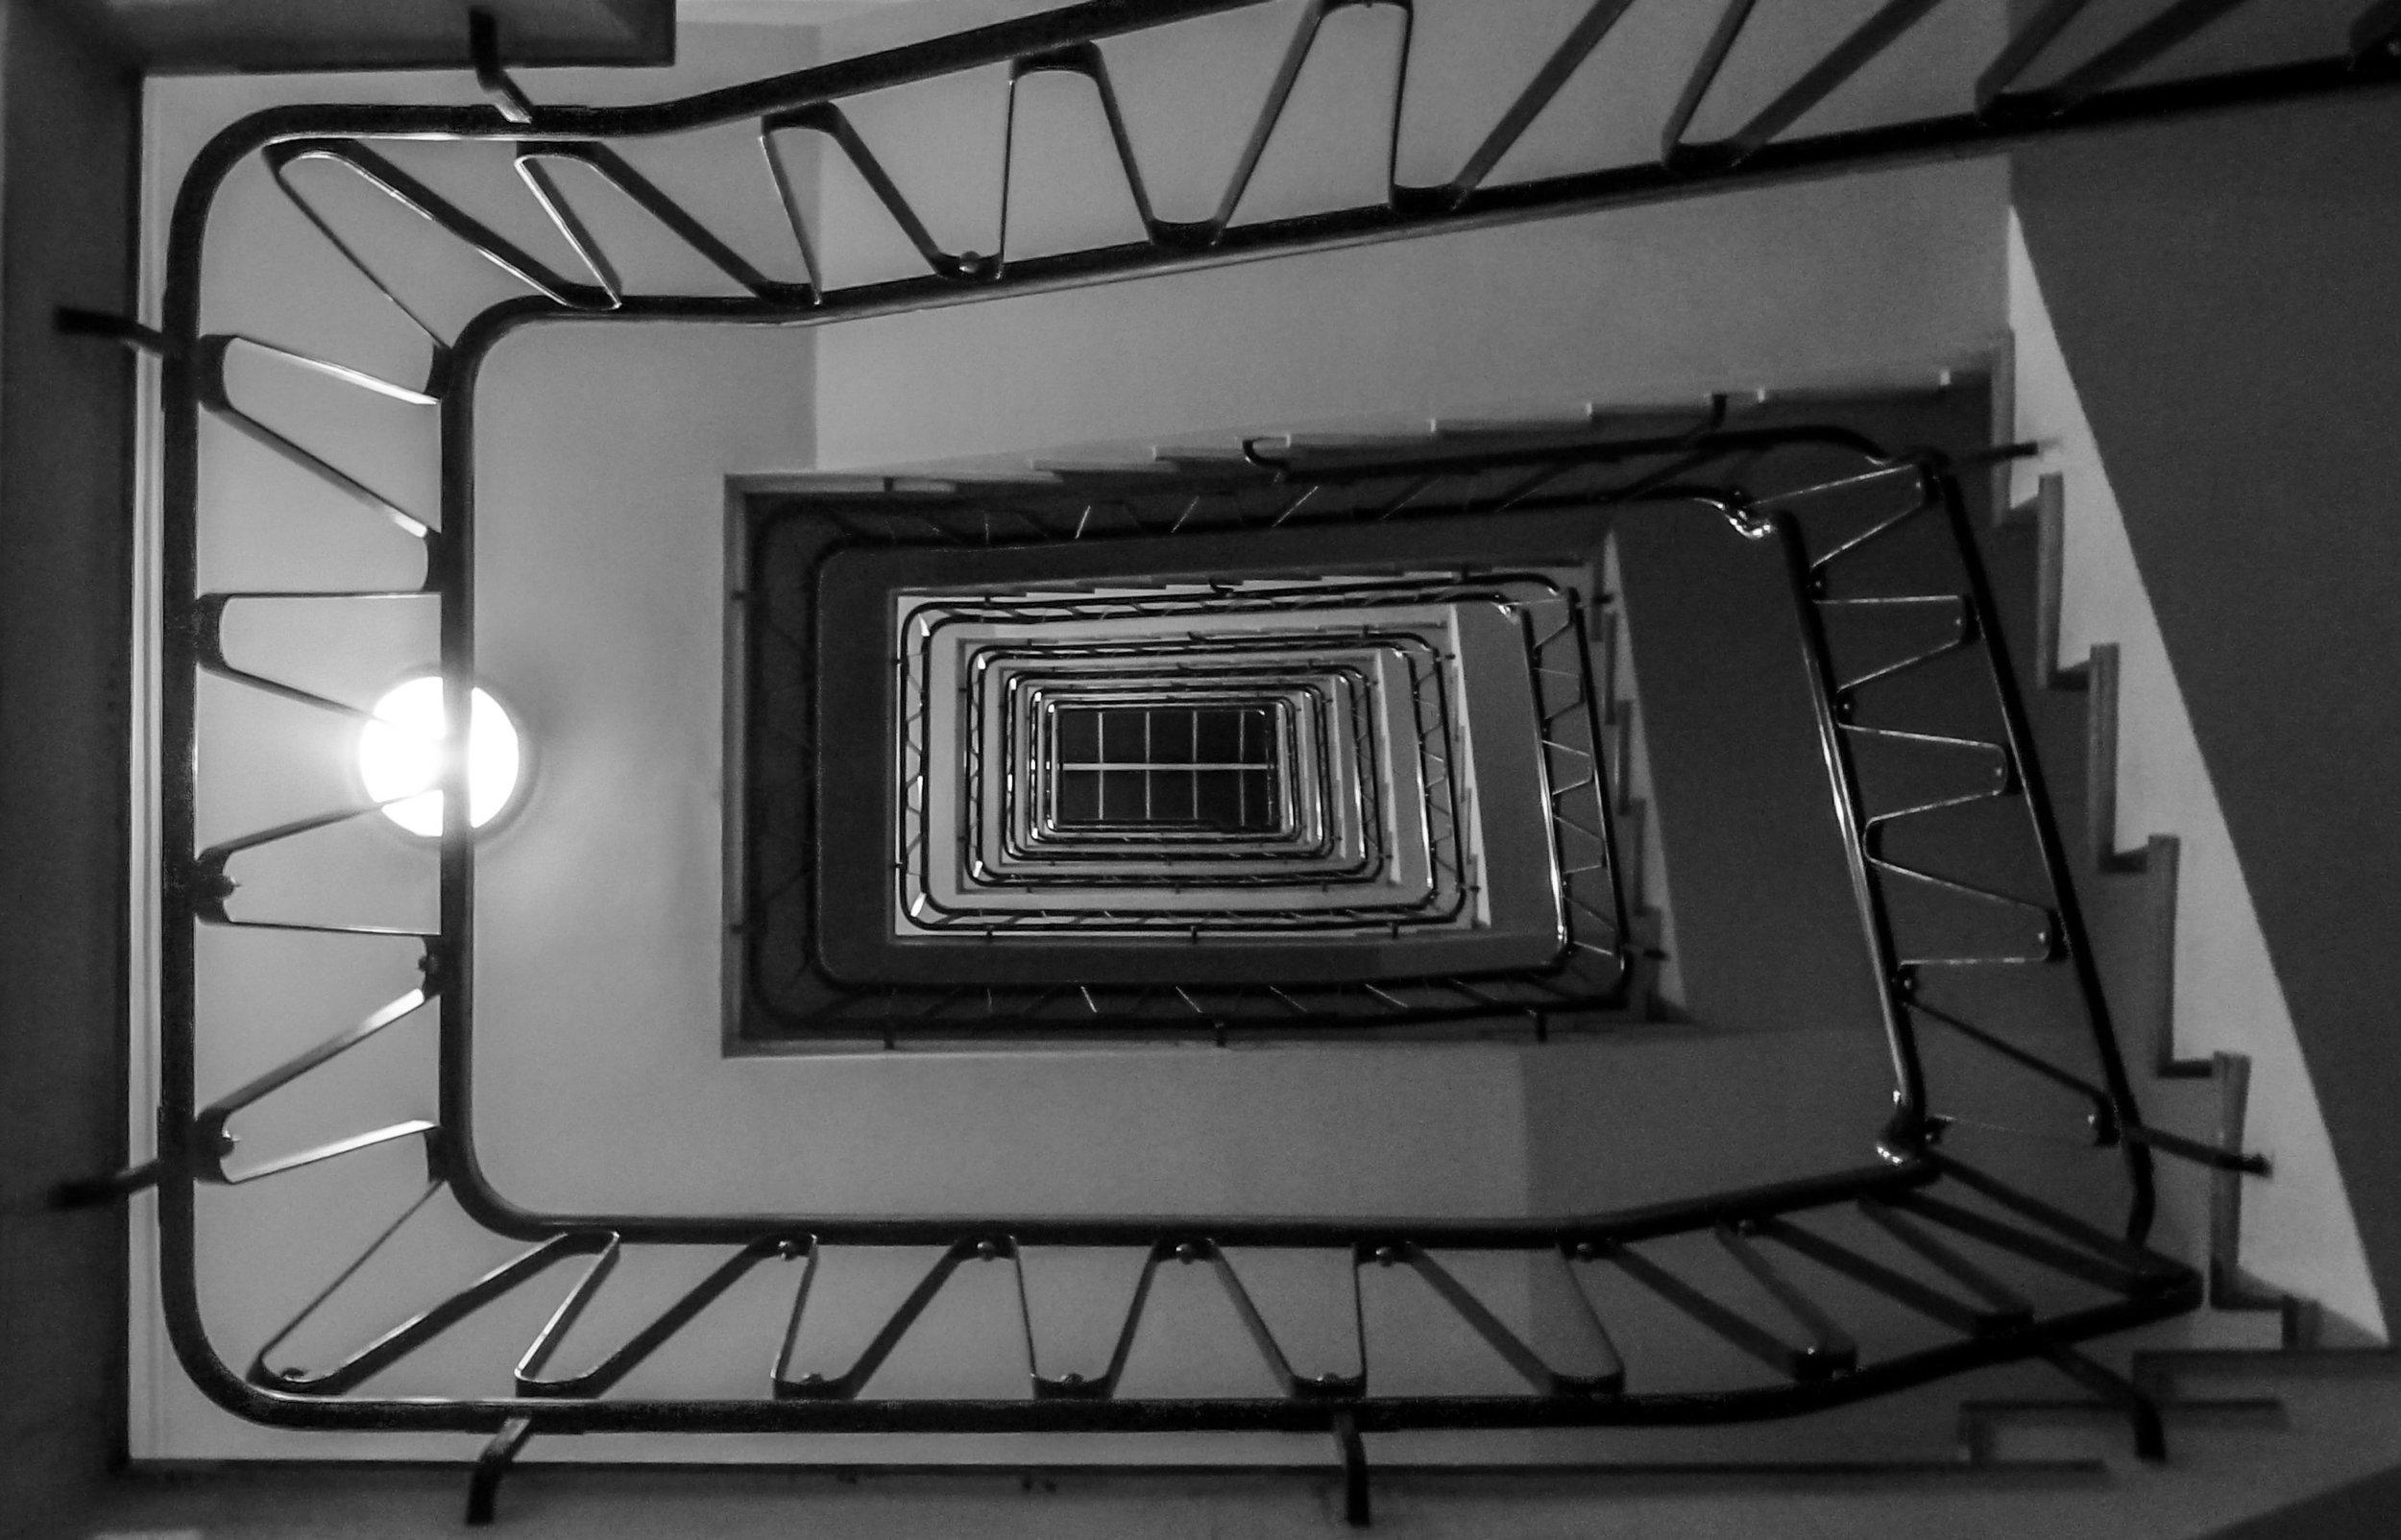 stairs-1070656.jpg